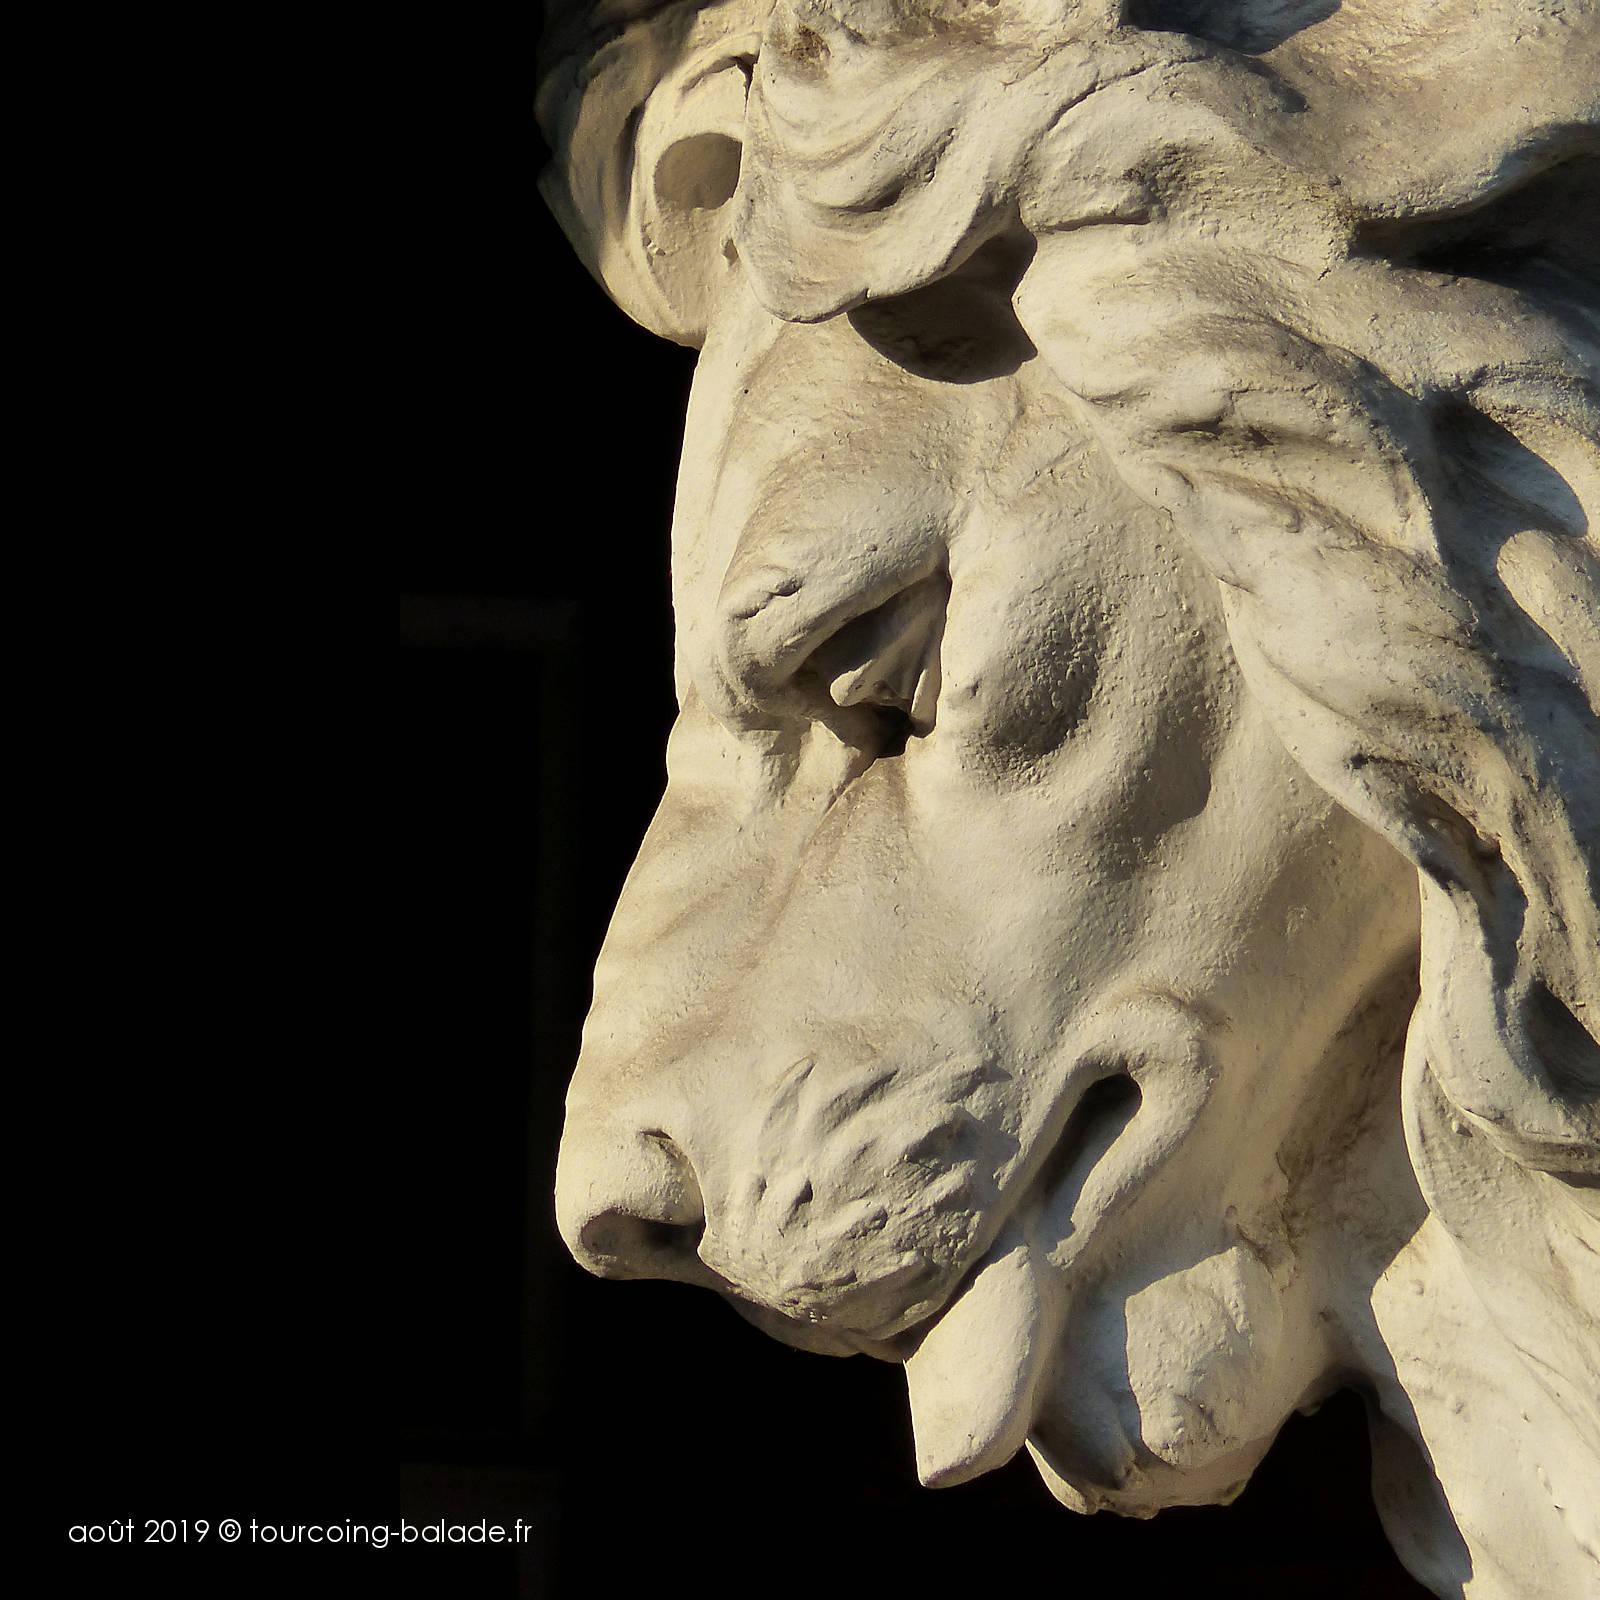 Maison du Broutteux, Tourcoing - Sculpture du lion.